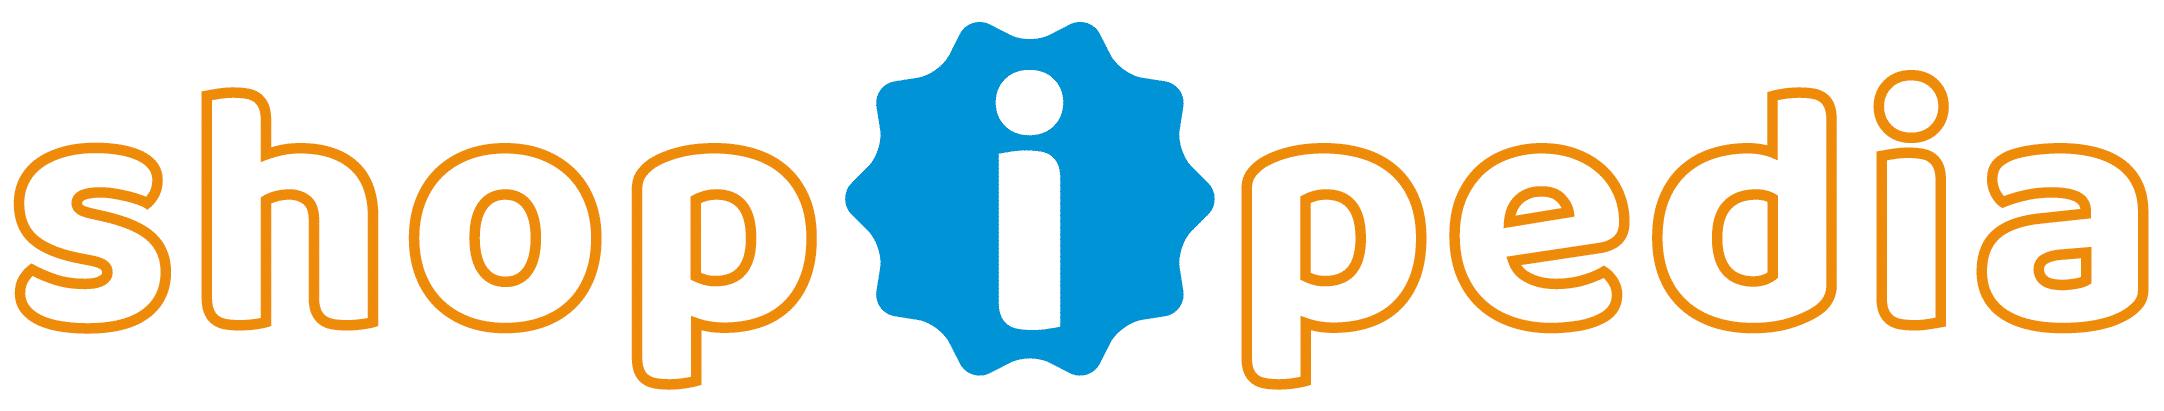 Logo Shopipedia RGB 300dpi 01